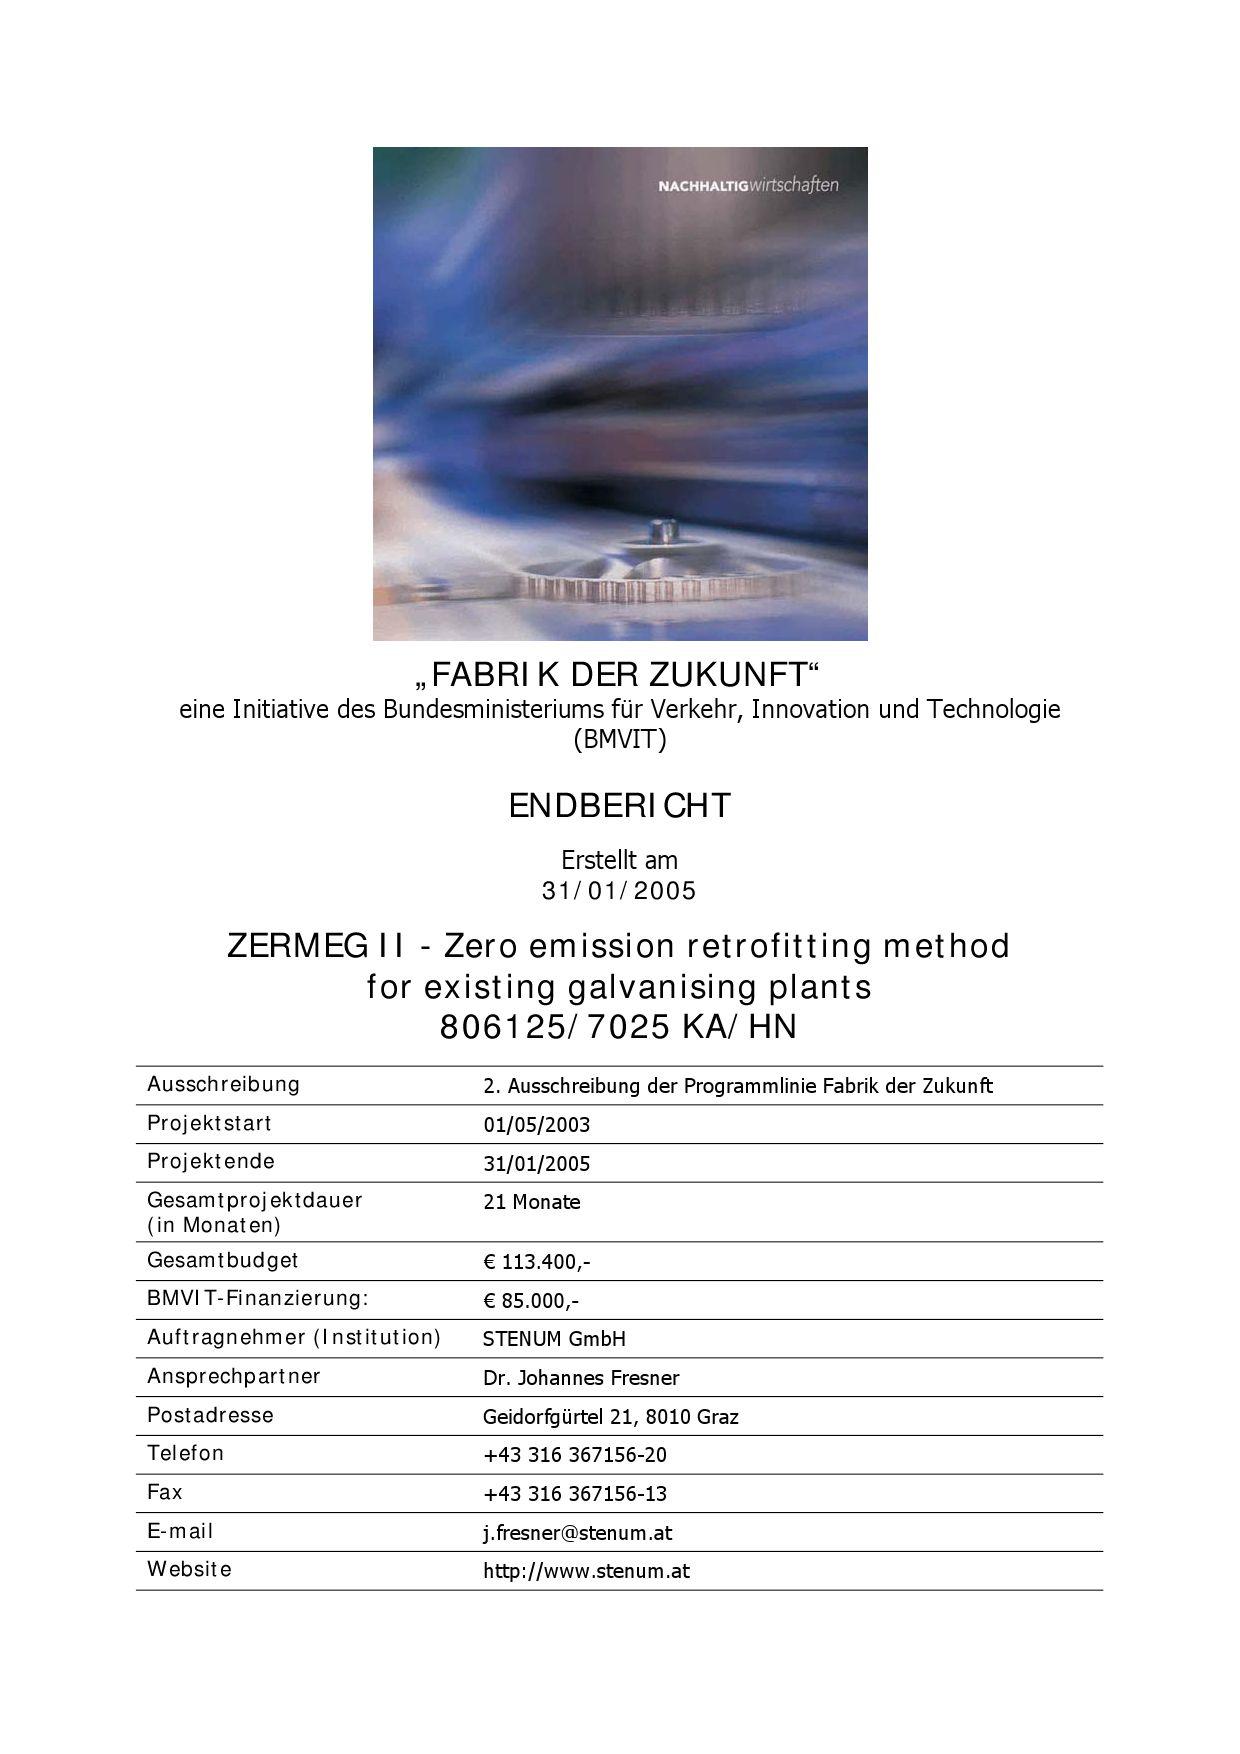 ZERMEG II - Zero emission retrofitting method for existing ...